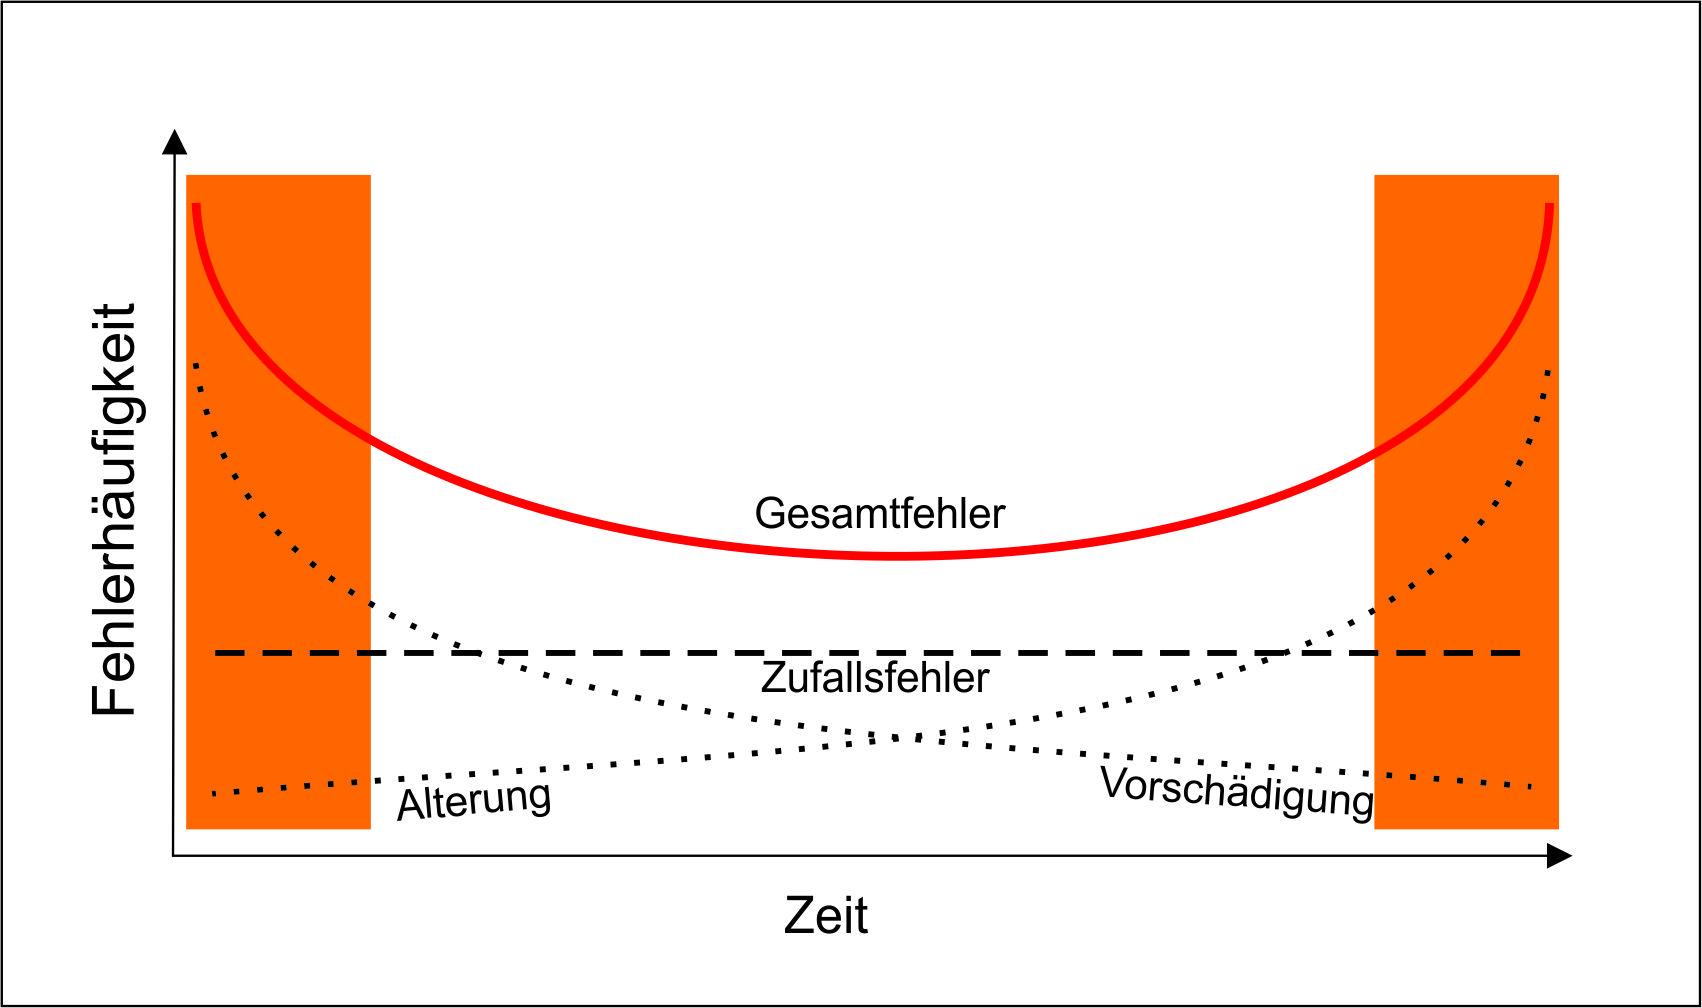 Großartig Einzelnes Diagramm Elektrisch Bilder - Elektrische ...